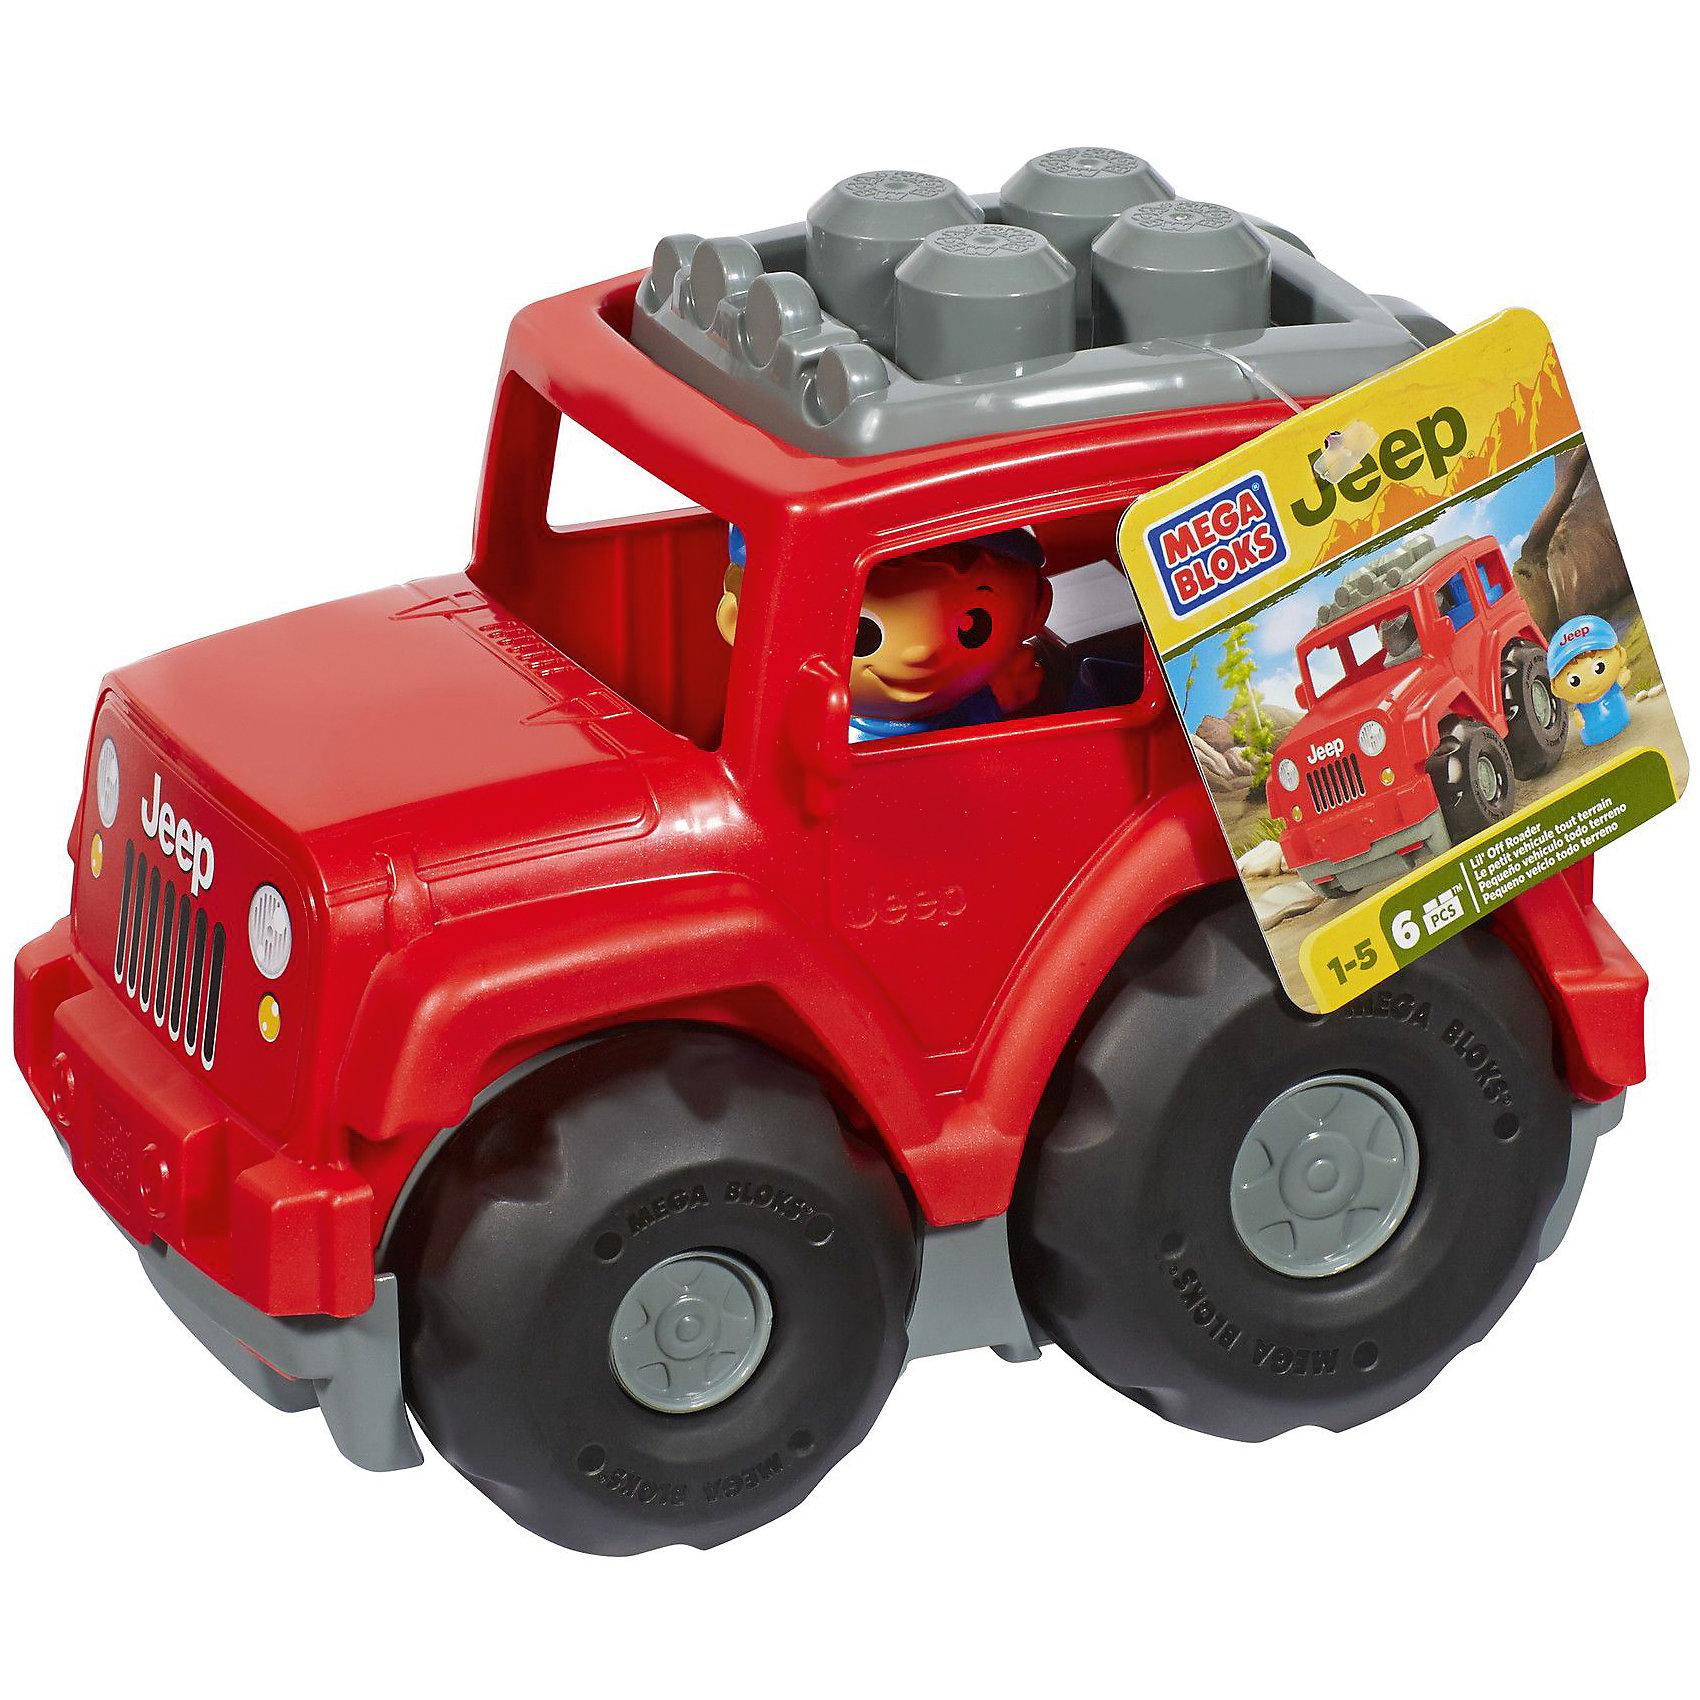 Внедорожник JEEP MEGA BLOKSПластмассовые конструкторы<br>Внедорожник Jeep, Mega Bloks, не оставит равнодушным маленького автолюбителя. Машинка выполнена в ярких красочных цветах, крупные детали с округлыми краями безопасны для детей и удобны для маленьких ручек. Салон можно загрузить шестью входящими в комплект блоками и поместить внутрь фигурку водителя. Яркие блоки также можно прикрепить на крышу, изменив внешний вид автомобиля. Большие широкие колеса позволяют легко катать машинку по любой поверхности. Набор совместим с другими наборами серии First Builders.<br><br>Дополнительная информация:<br><br>- В комплекте: джип, 6 блоков First Builders, фигурка водителя.<br>- Материал: пластик.<br>- Размер упаковки: 23 x 15 x 17 см. <br>- Вес: 0,46 кг.<br><br>Внедорожник Jeep, MEGA BLOKS, можно купить в нашем интернет-магазине.<br><br>Ширина мм: 233<br>Глубина мм: 151<br>Высота мм: 177<br>Вес г: 453<br>Возраст от месяцев: 12<br>Возраст до месяцев: 48<br>Пол: Унисекс<br>Возраст: Детский<br>SKU: 3920910